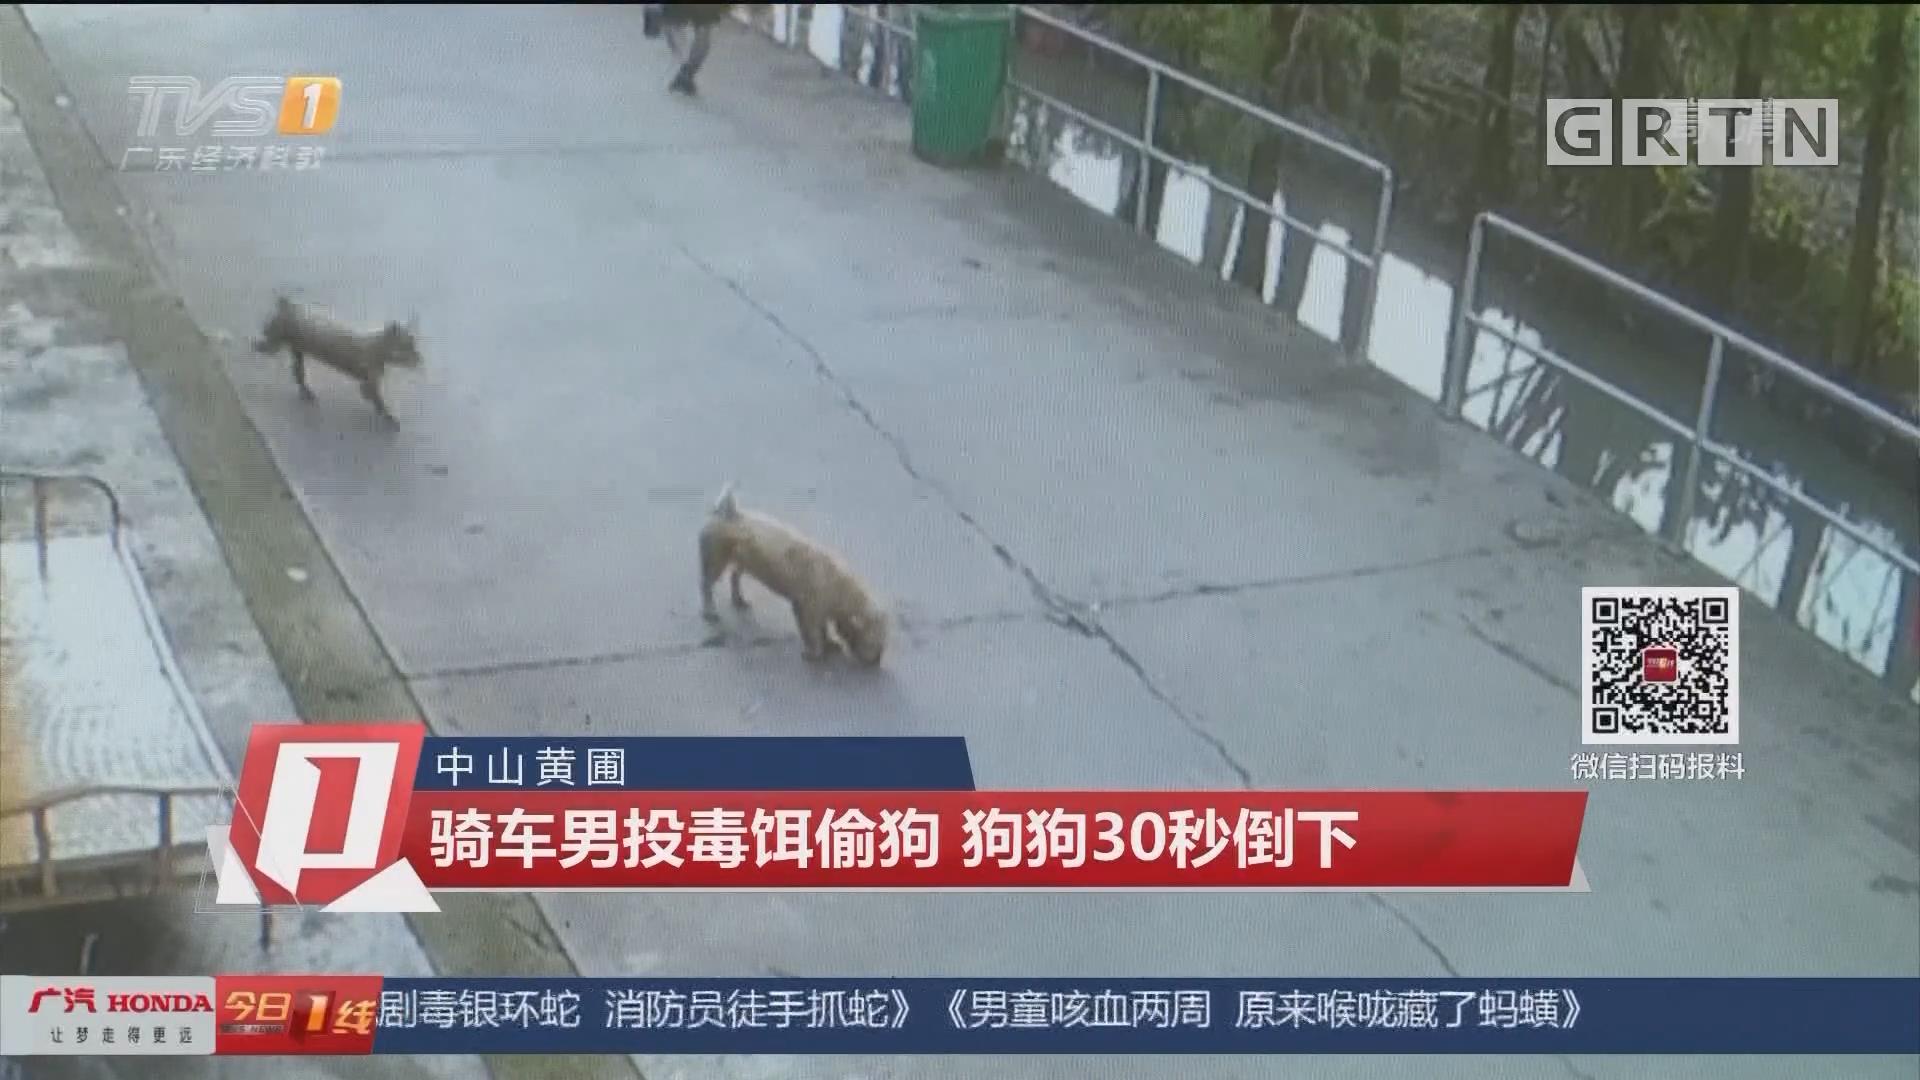 中山黄圃:骑车男投毒饵偷狗 狗狗30秒倒下